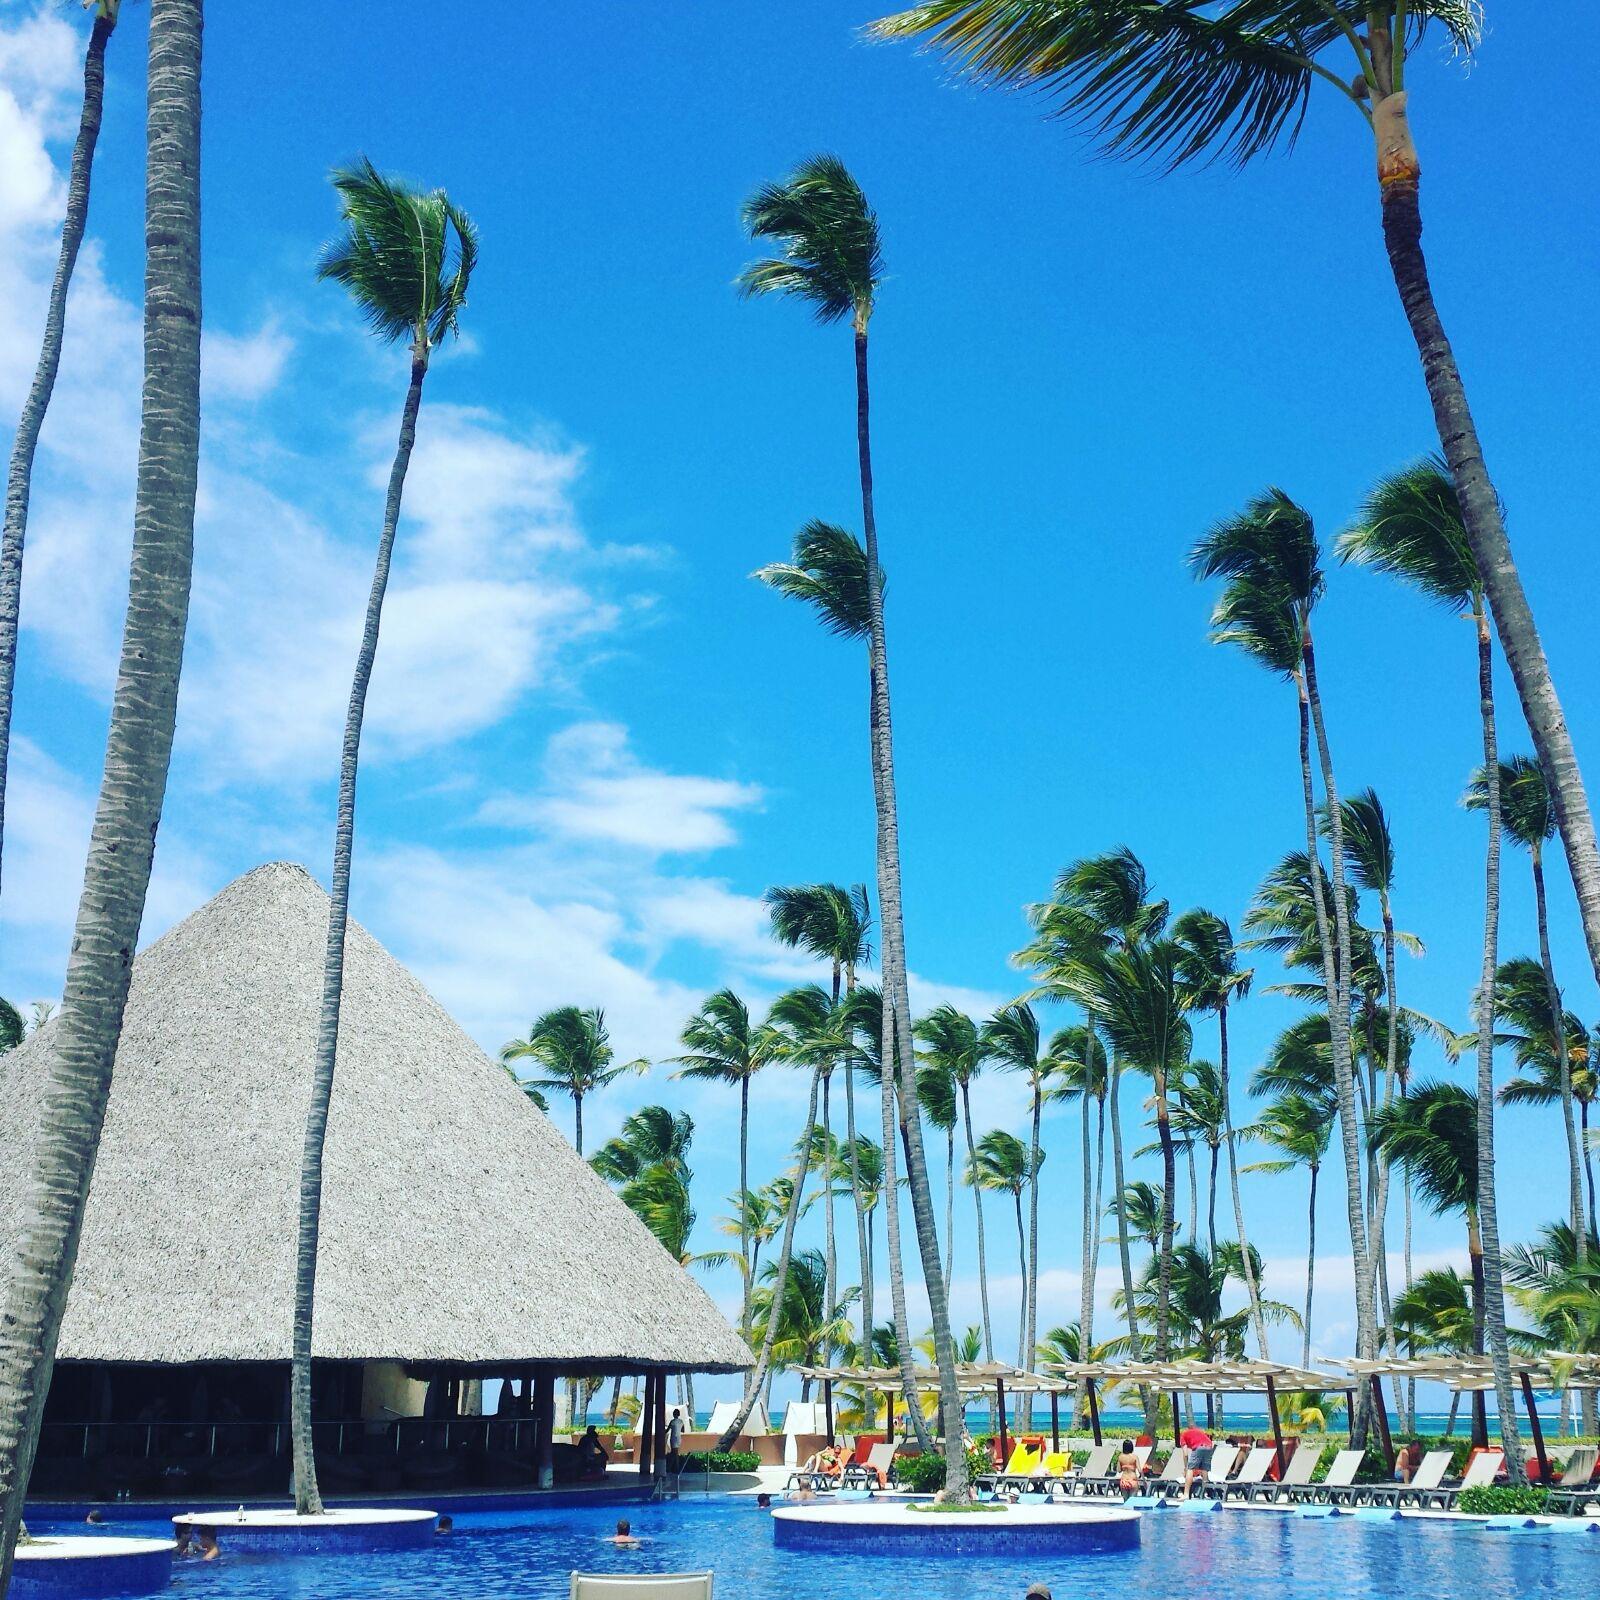 Palmen säumen den Strand und das komplete Areal des Barceló Deluxe Resorts.